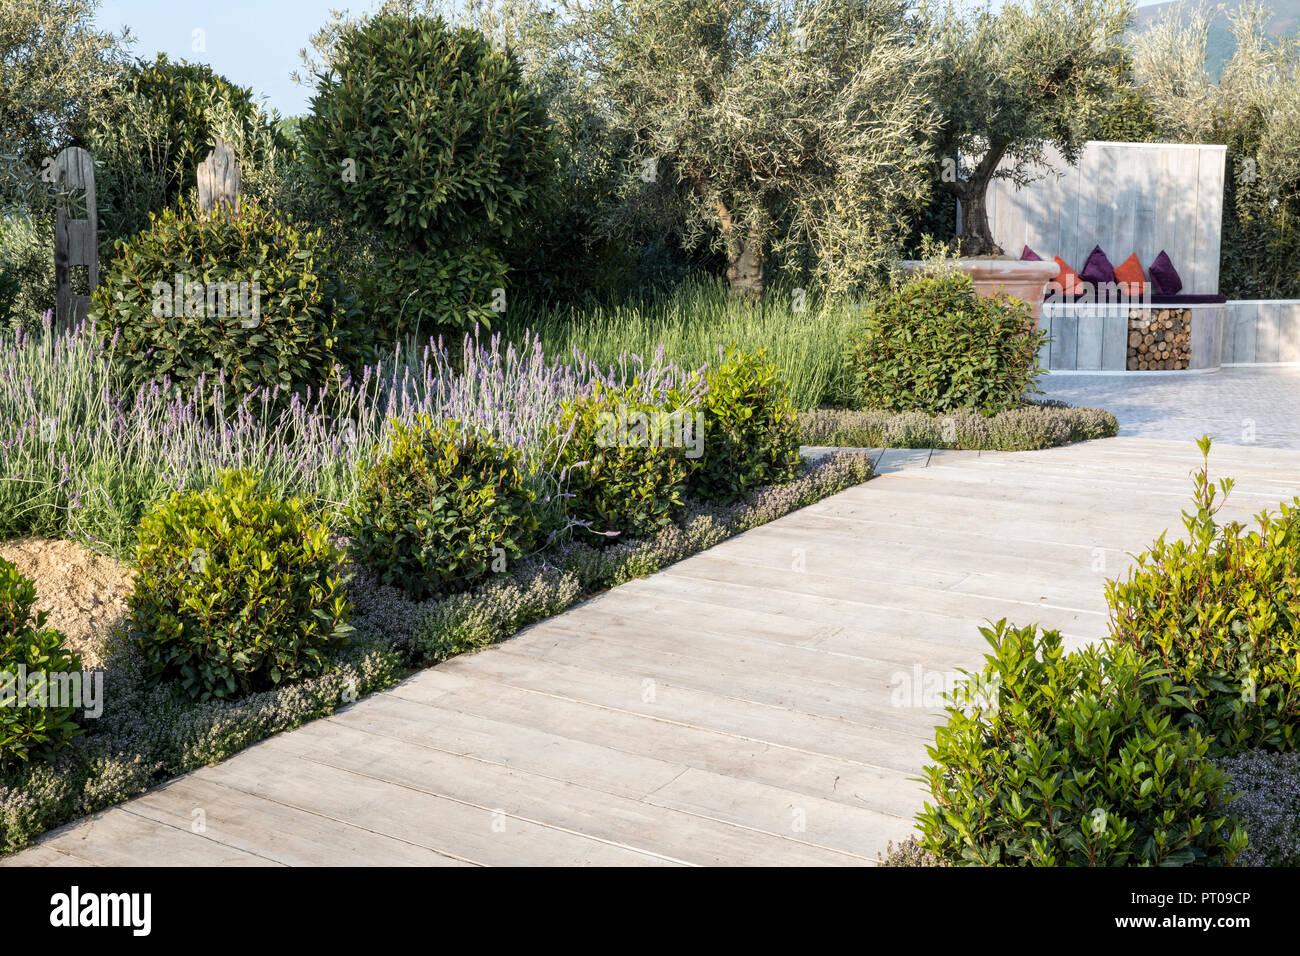 Jardin Mediterraneen Avec Decking En Bois Allee Bordee De Prunus